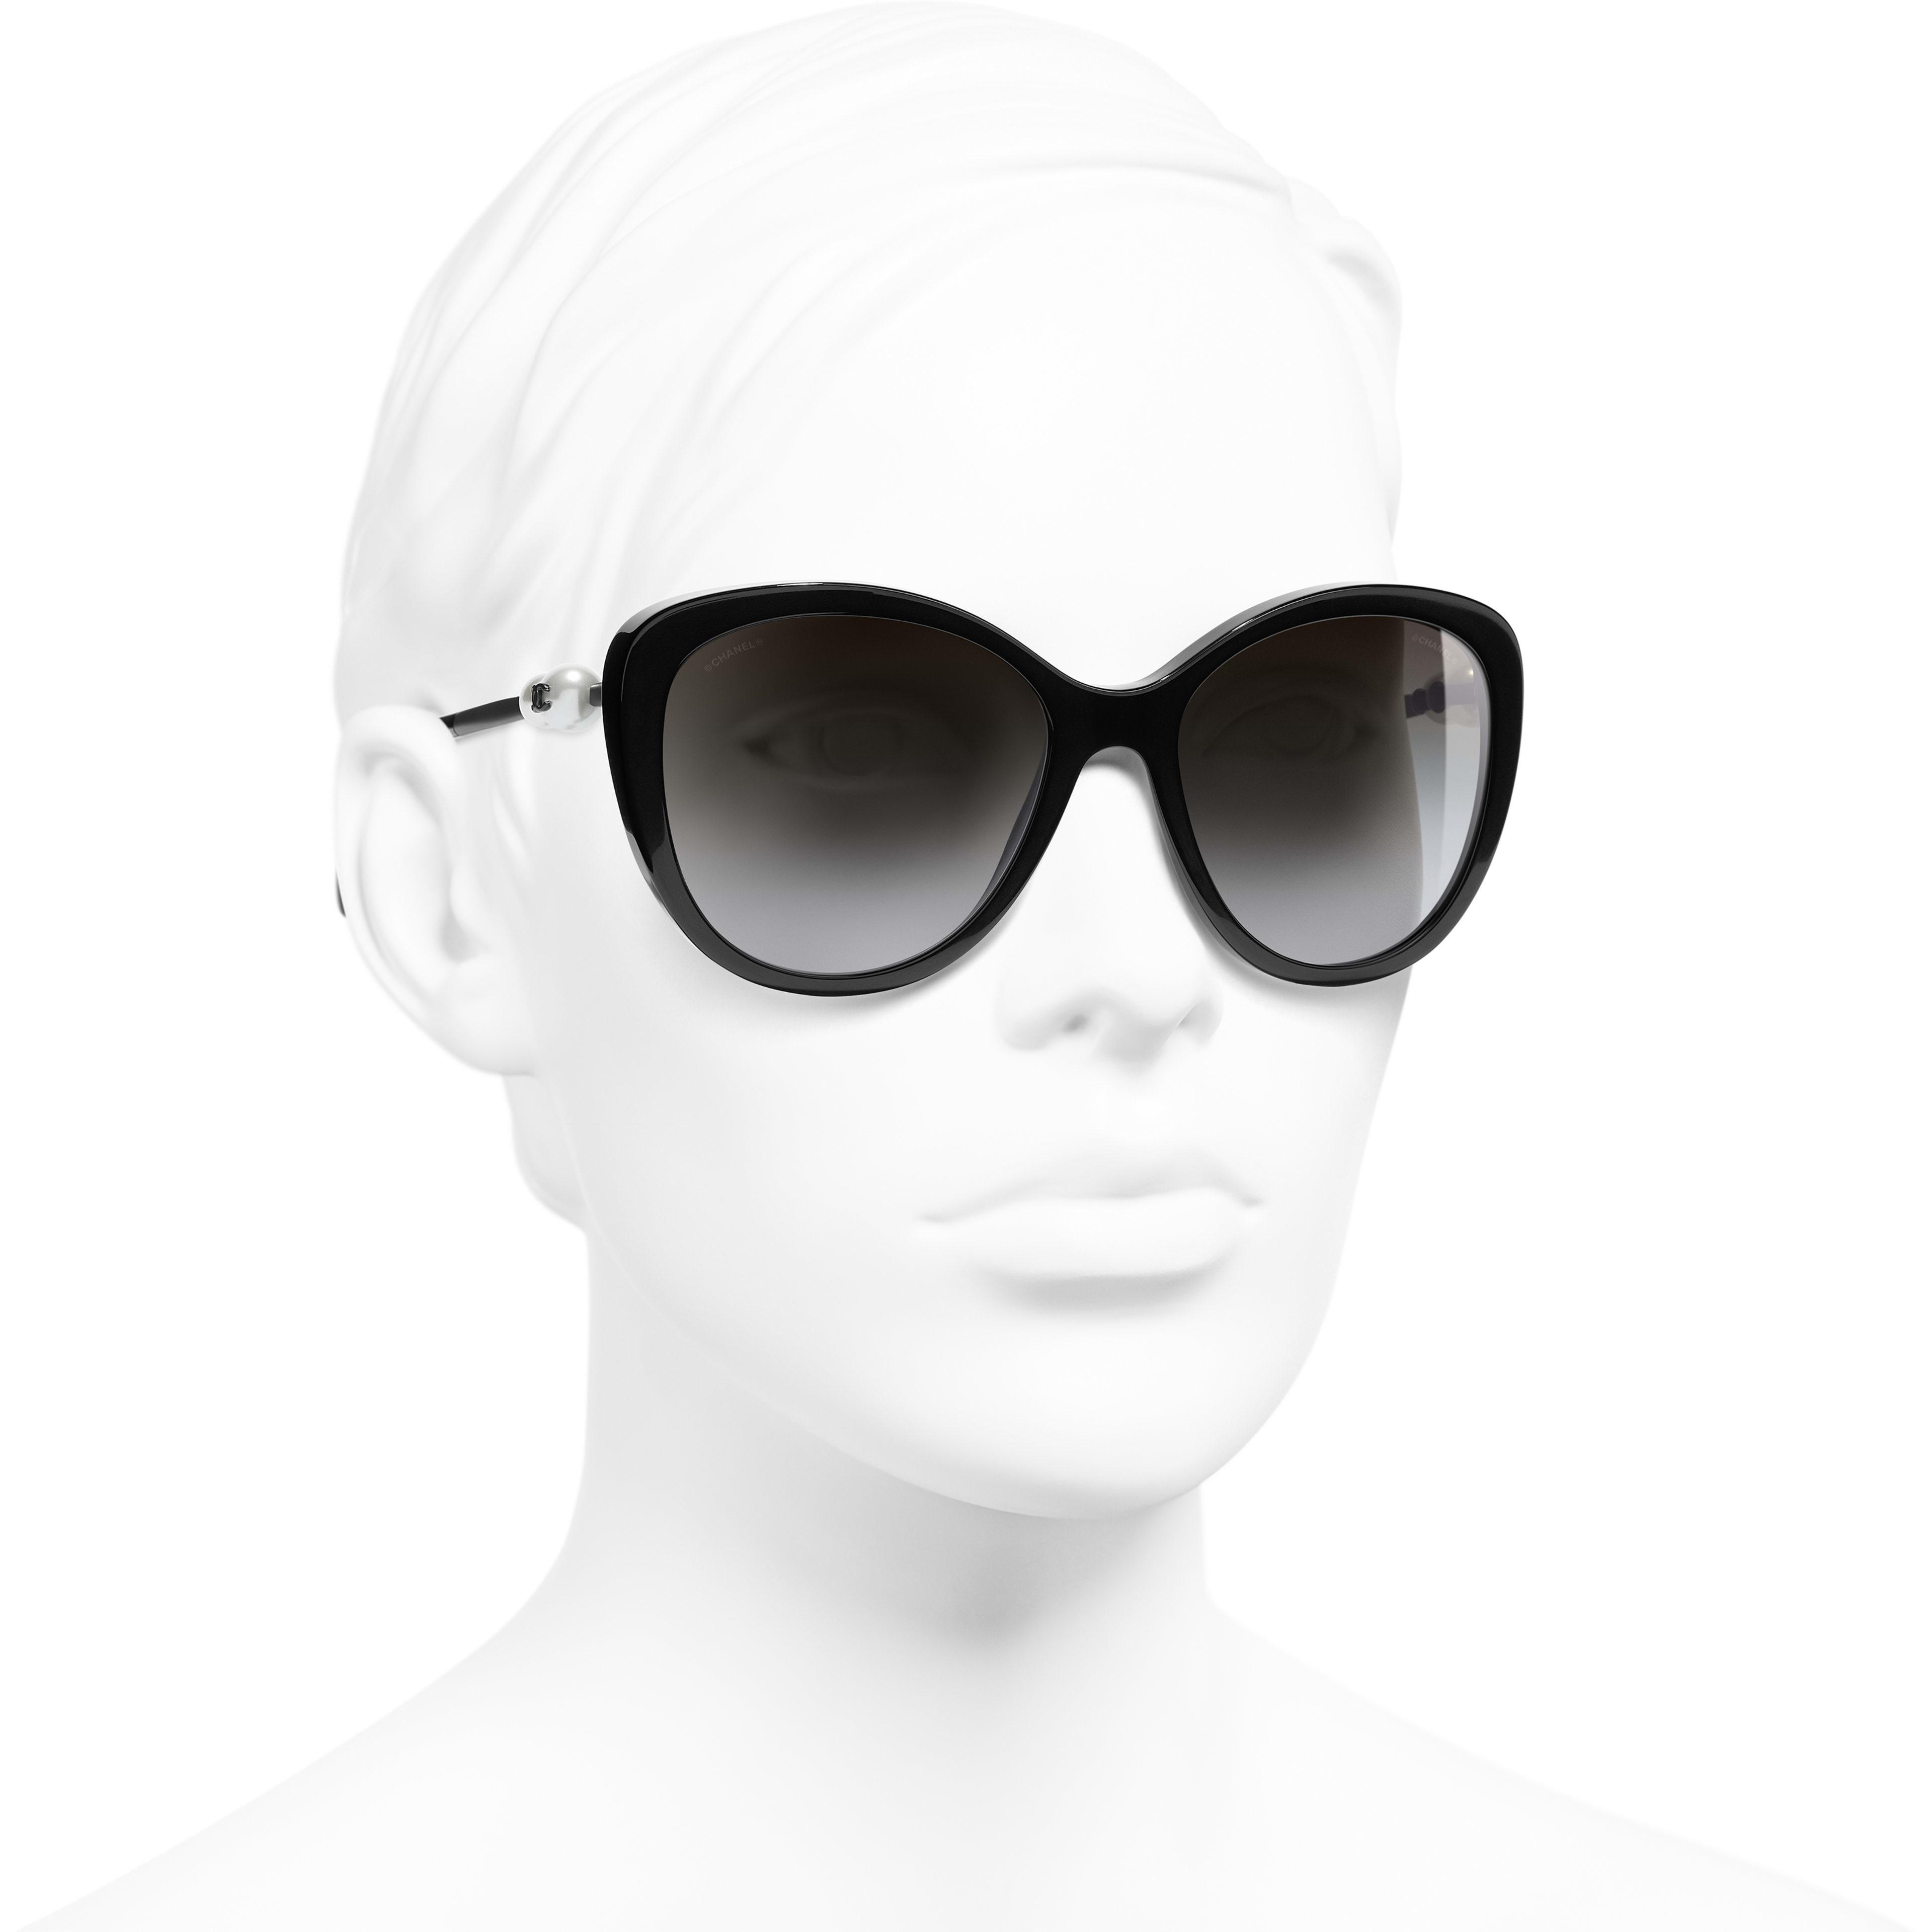 Óculos De Sol Em Formato Borboleta - Black - Acetate & Imitation Pearls - CHANEL - Vista 3/4 - ver a versão em tamanho standard